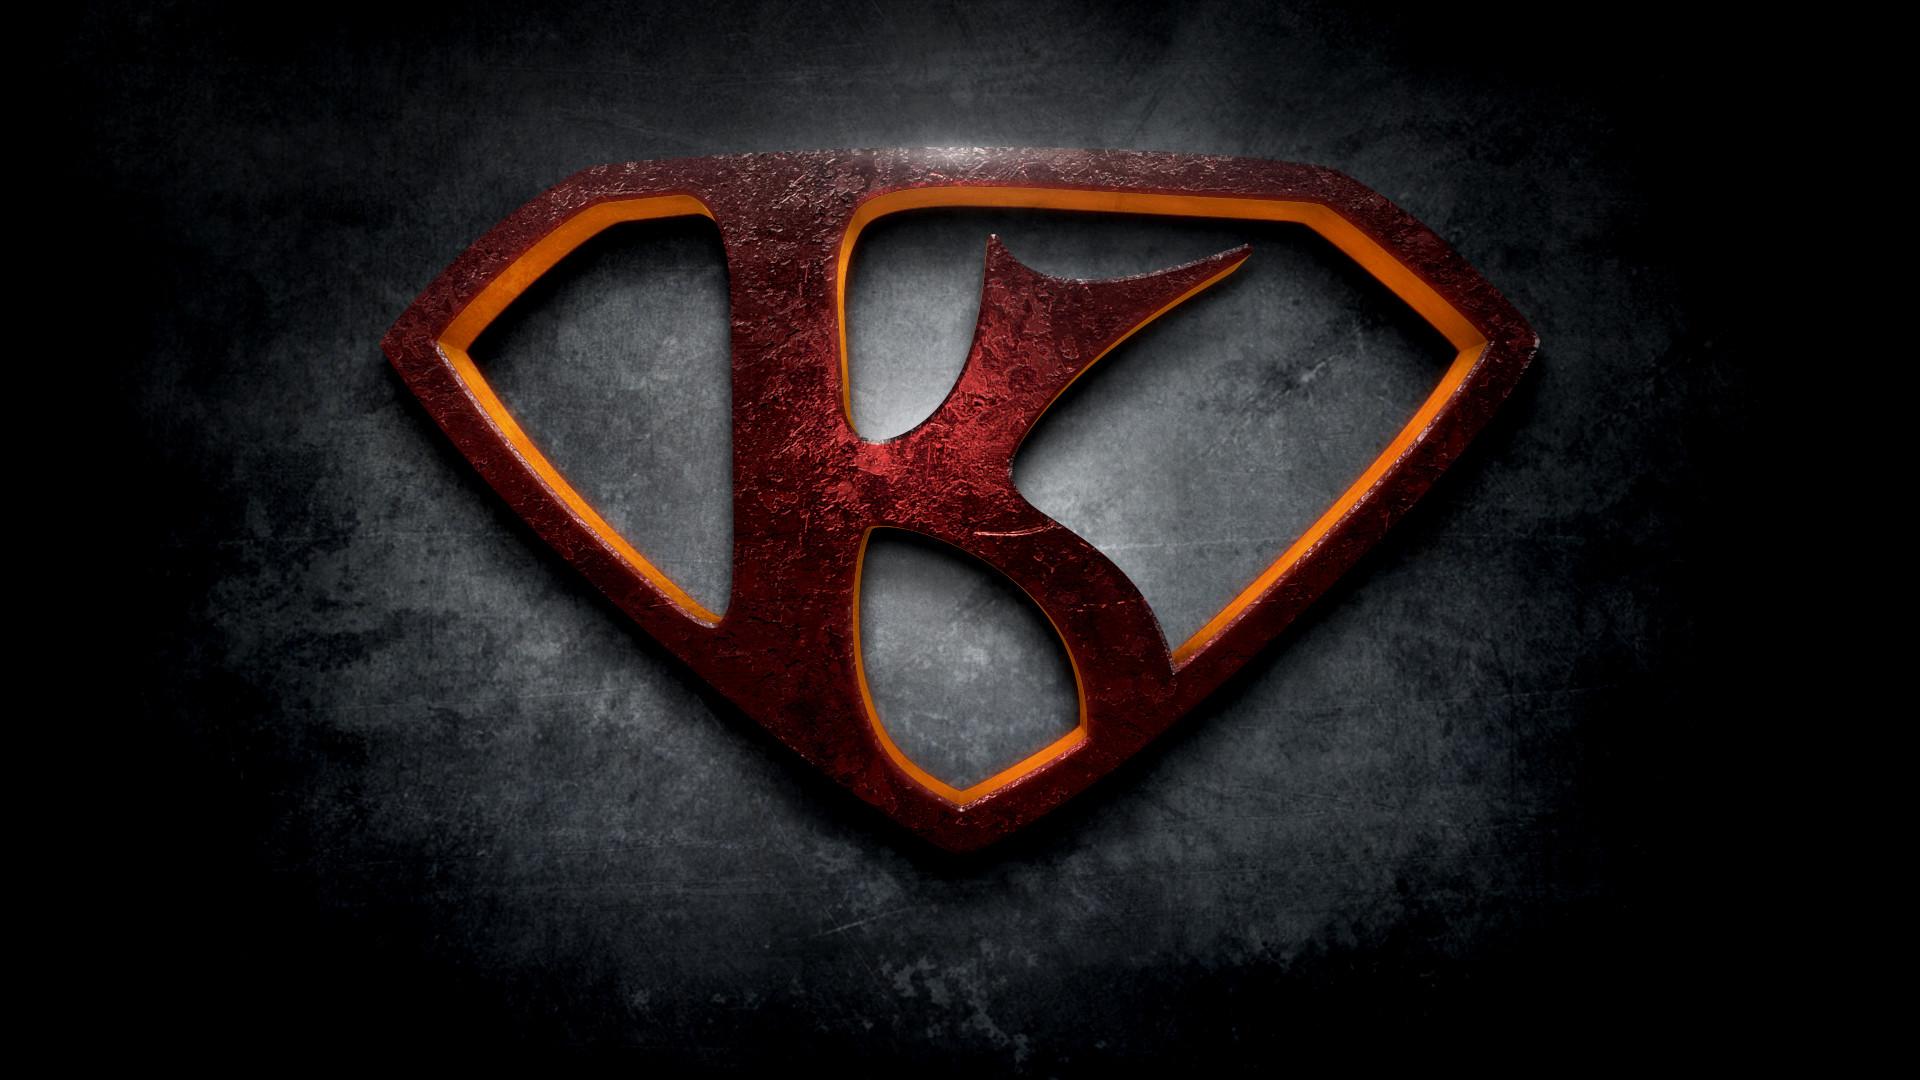 Letter Logo Wallpaper hd k Letter Wallpapers hd k